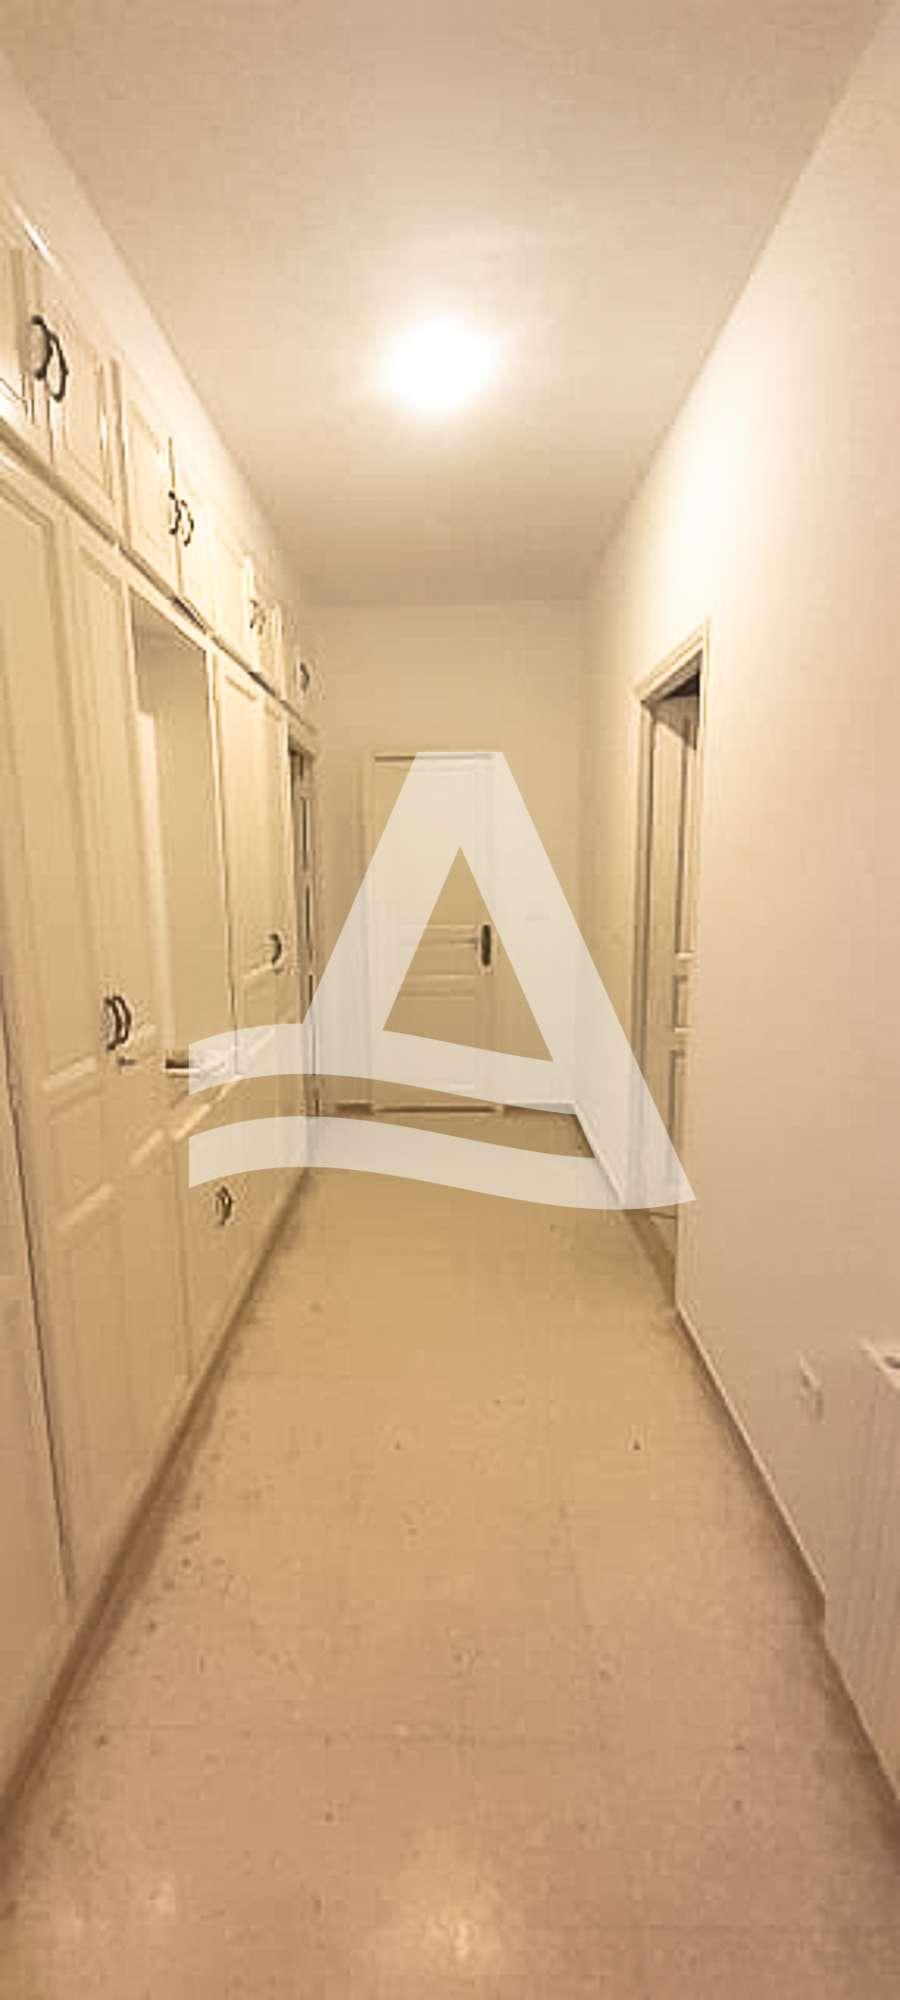 httpss3.amazonaws.comlogimoaws_Arcane_immobilière_la_Marsa-_location_-_vente_la_marsa__-8_1583429653001